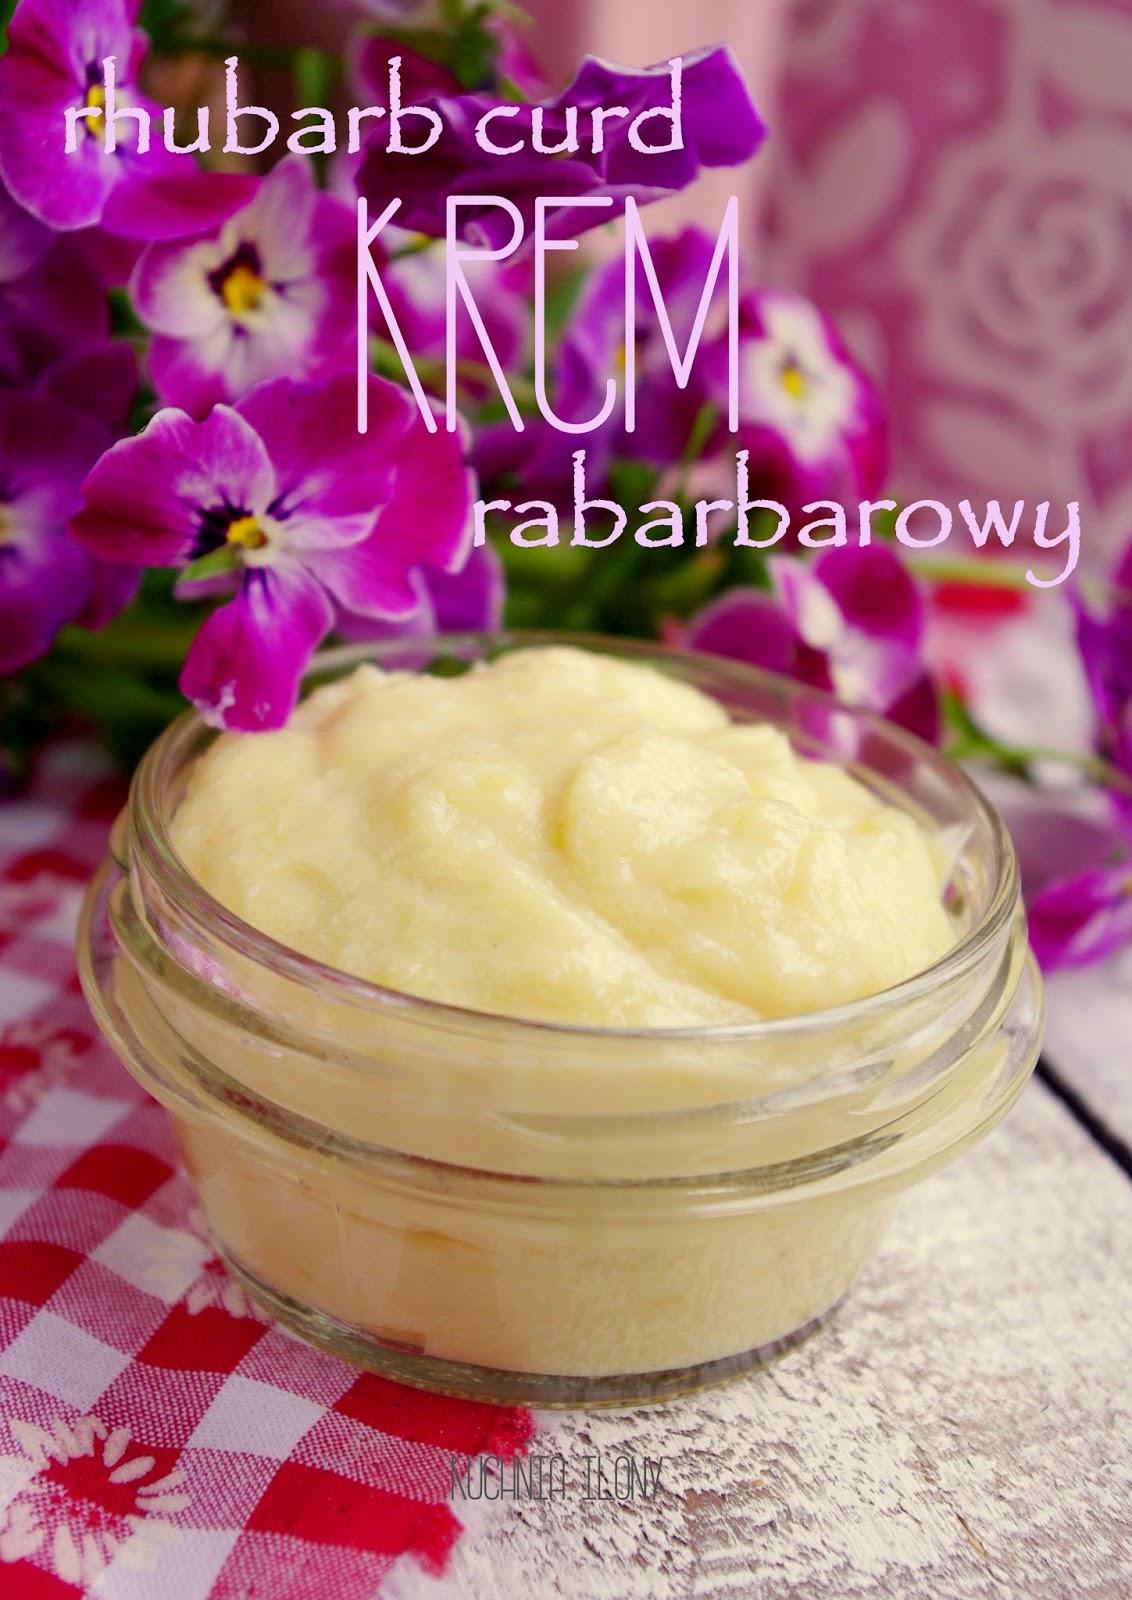 lemon curd, kuchnia ilony, krem rabarbarowy, przepis curd, rhubarb curd, deser rabarbarowy,